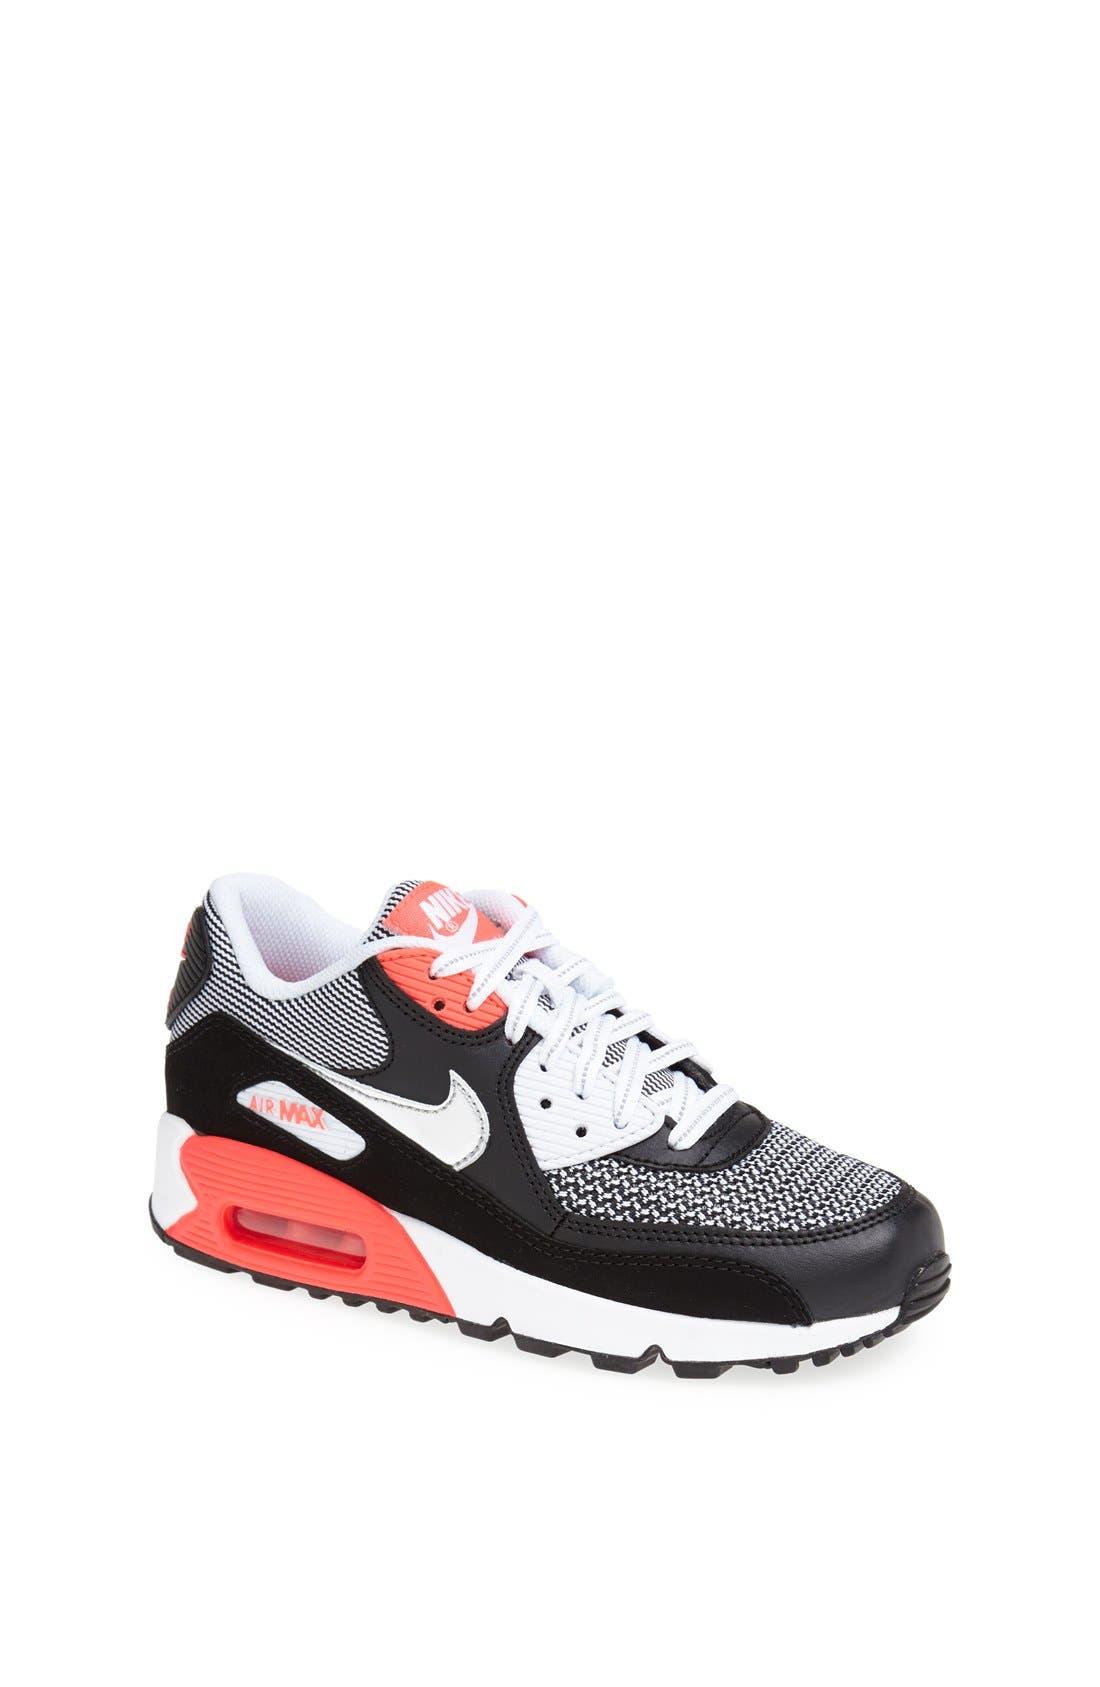 Main Image - Nike 'Air Max 90 LE' Sneaker (Big Kid)